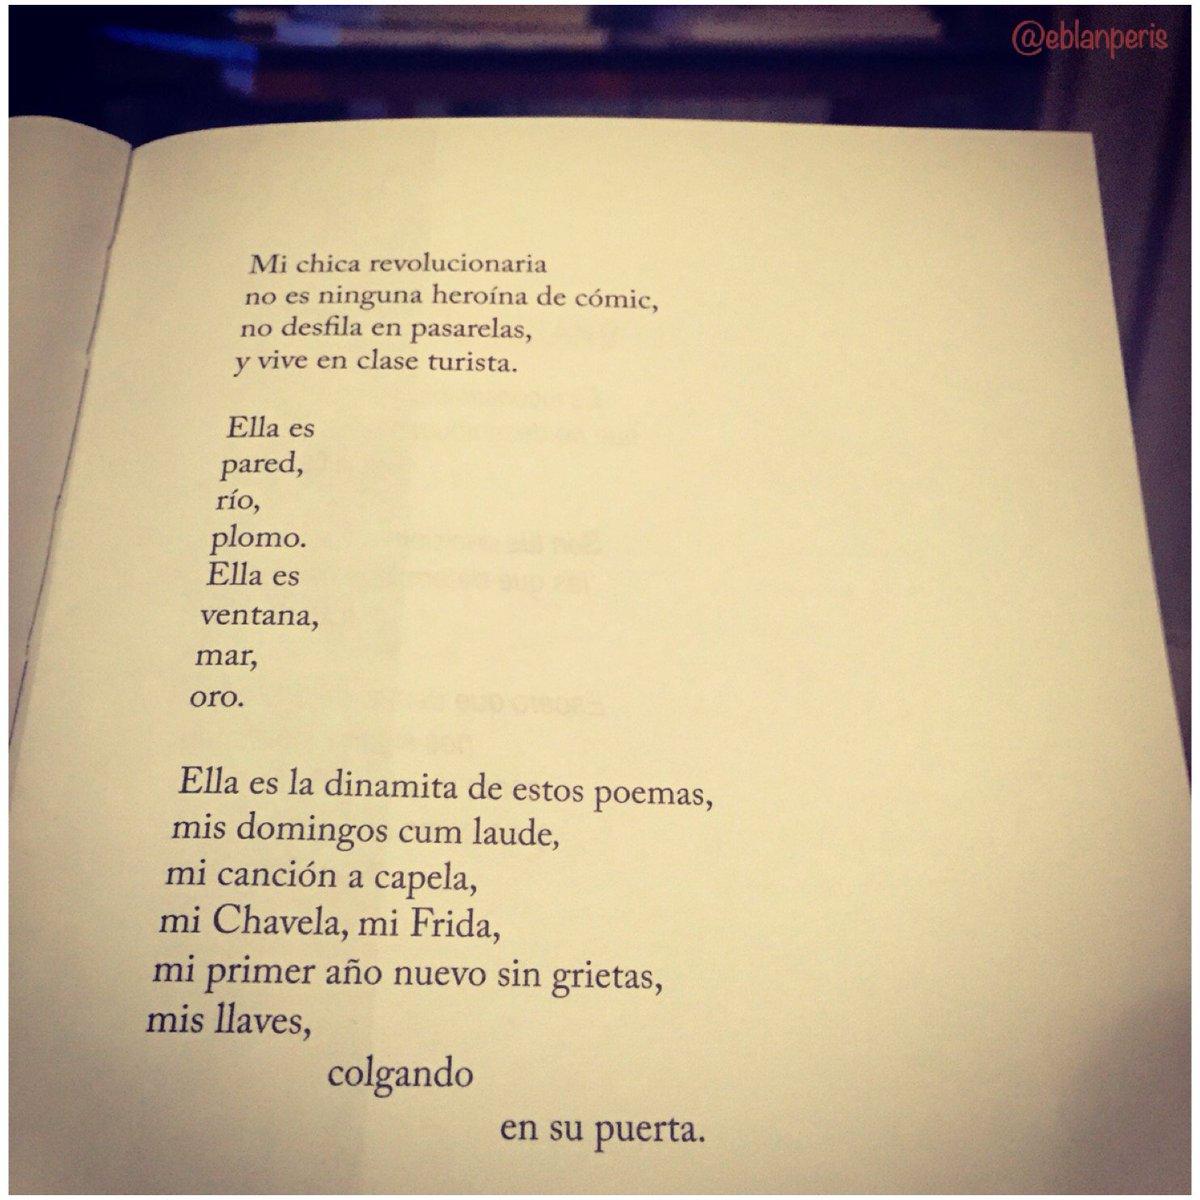 Buenas noches! #Poesía de la mano de @diegoojeda85 y #michicarevolucionaria